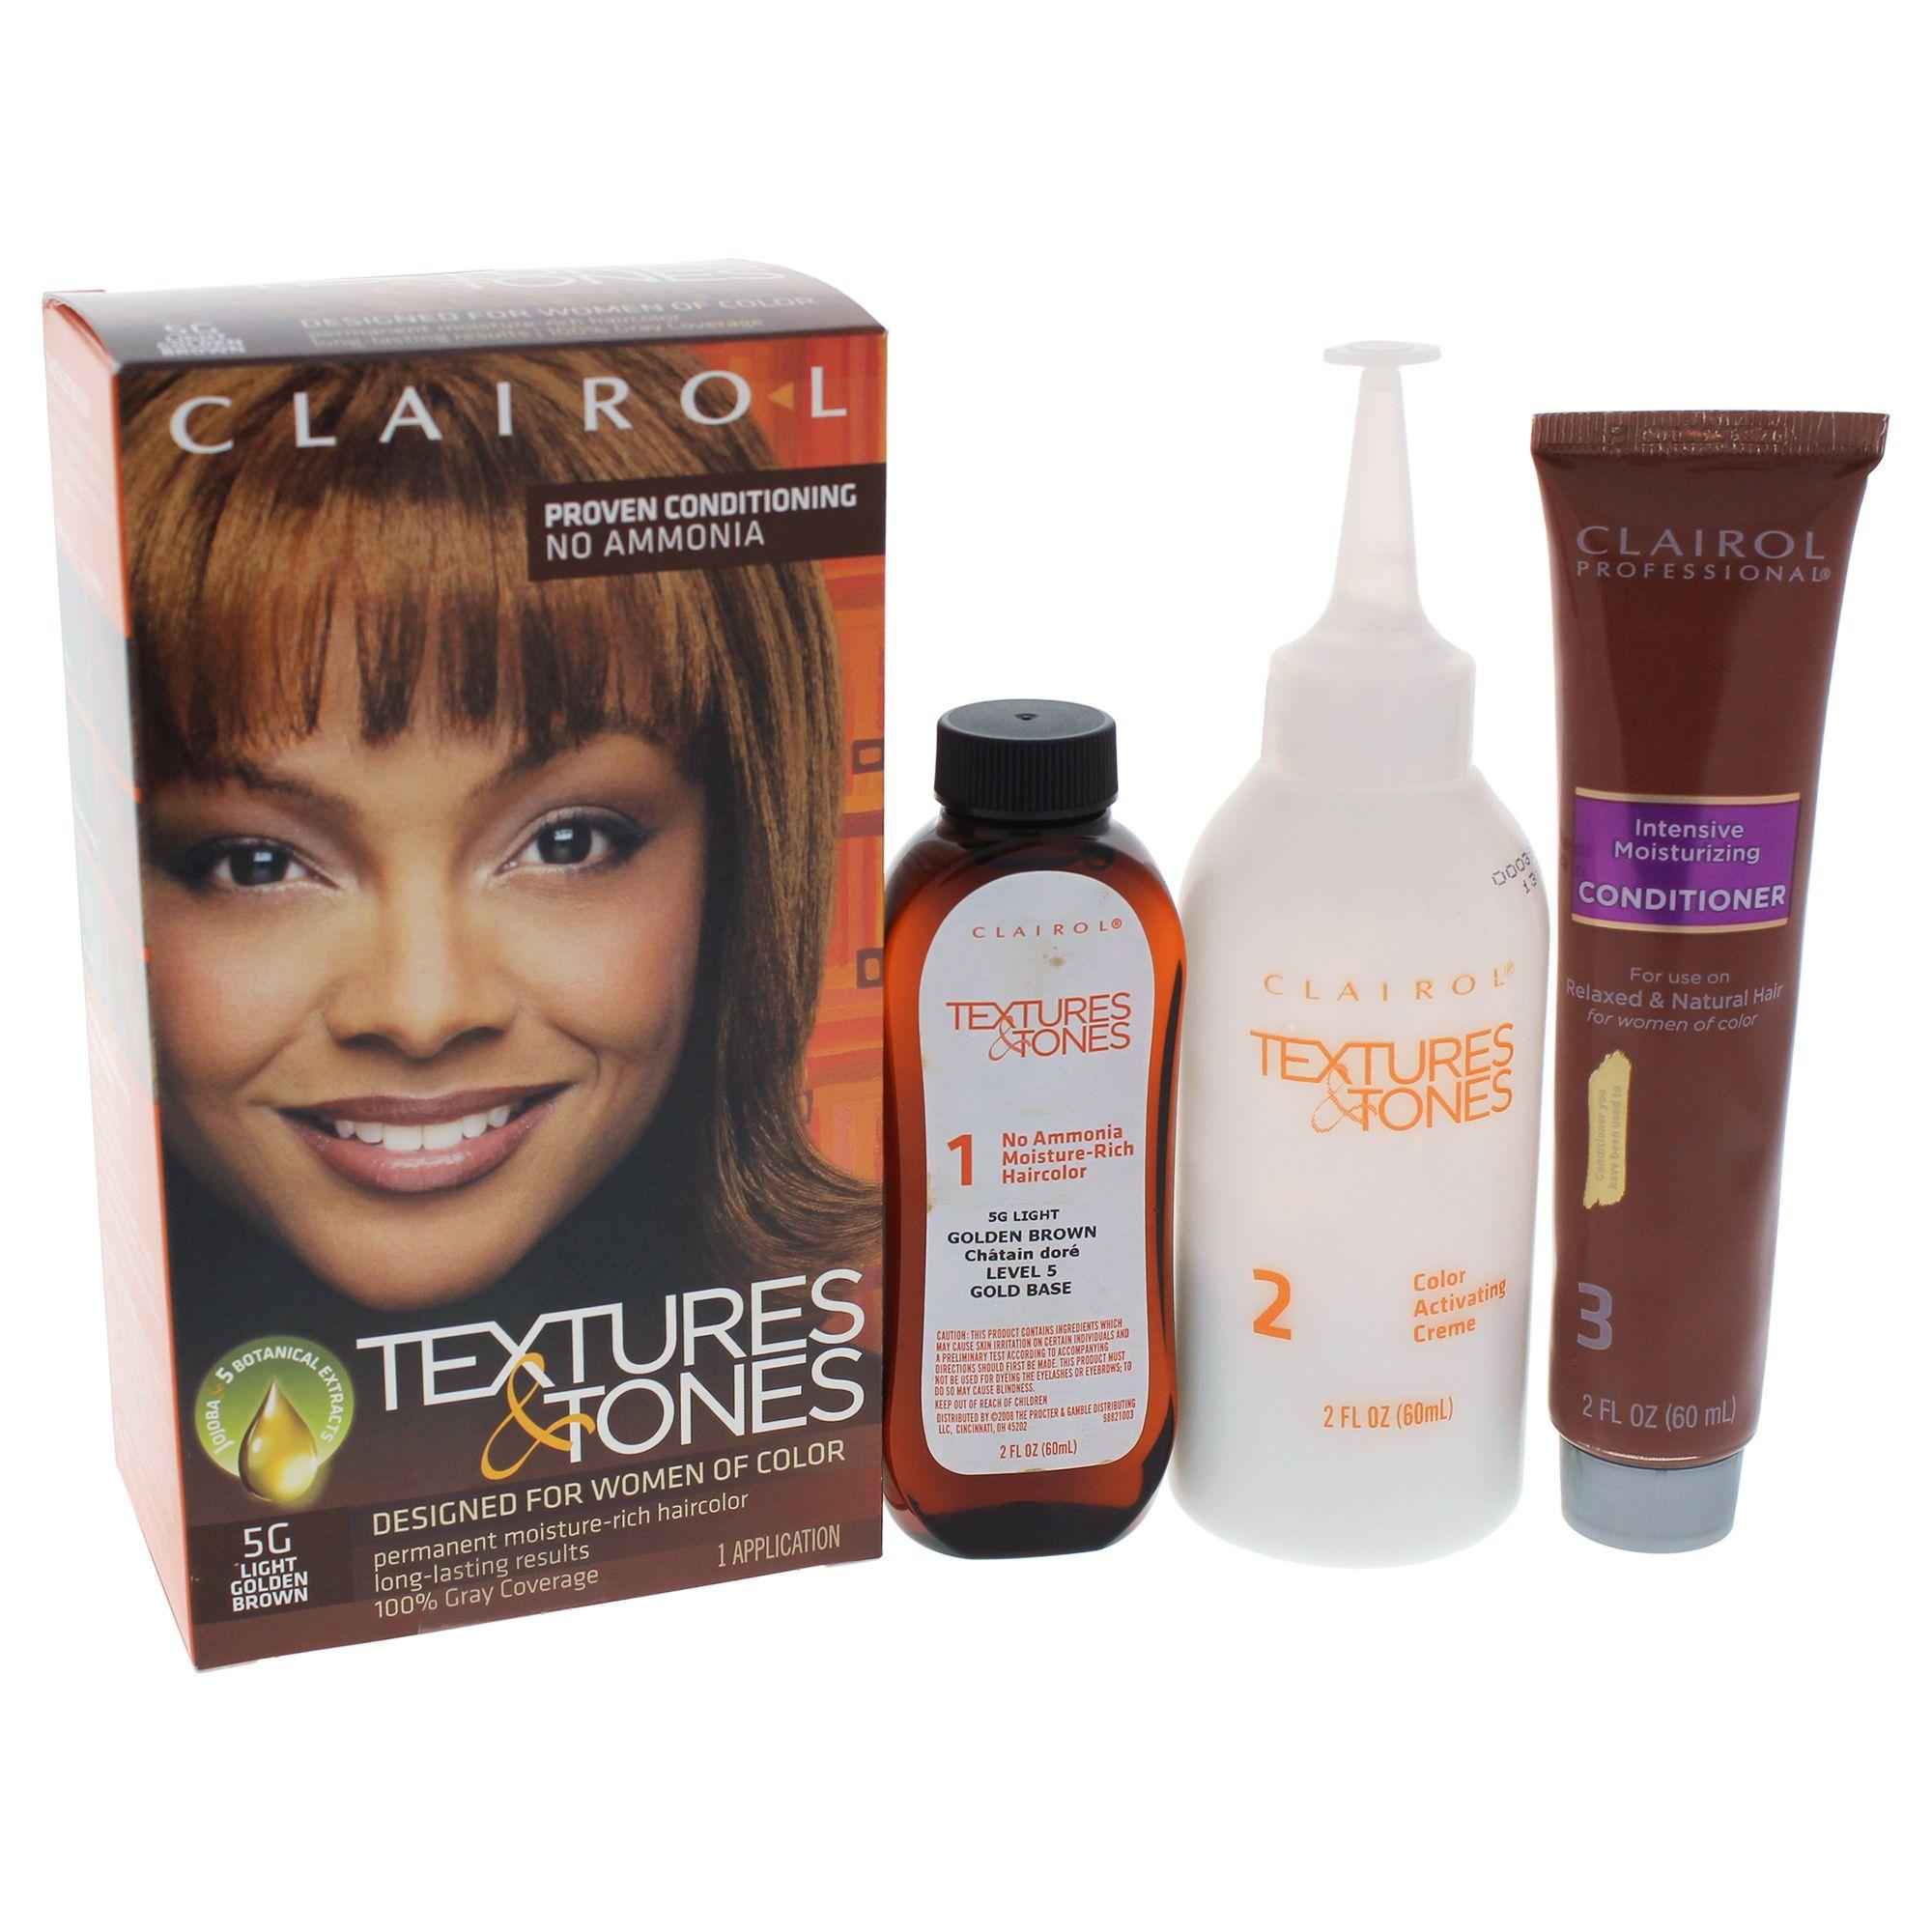 Clairol textures tones permanent moisturerich haircolor